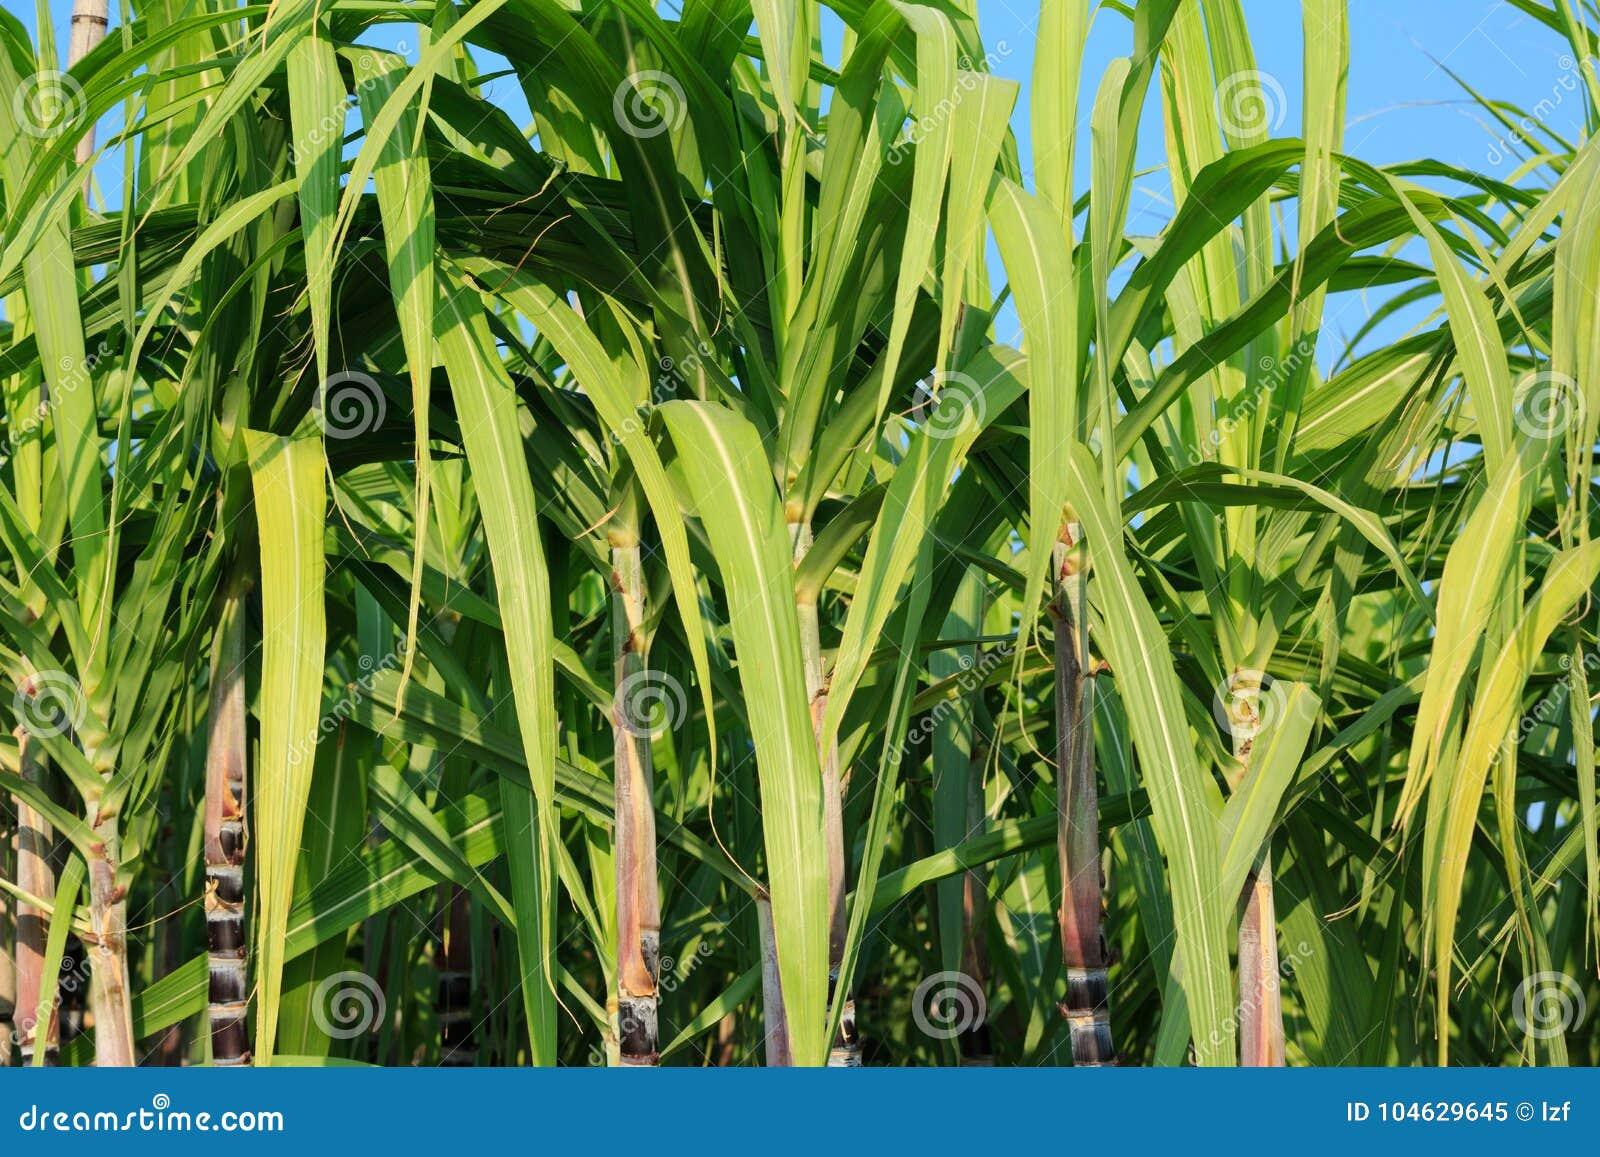 Download Suikerrietinstallaties Bij Gebied Stock Afbeelding - Afbeelding bestaande uit landbouw, fruit: 104629645